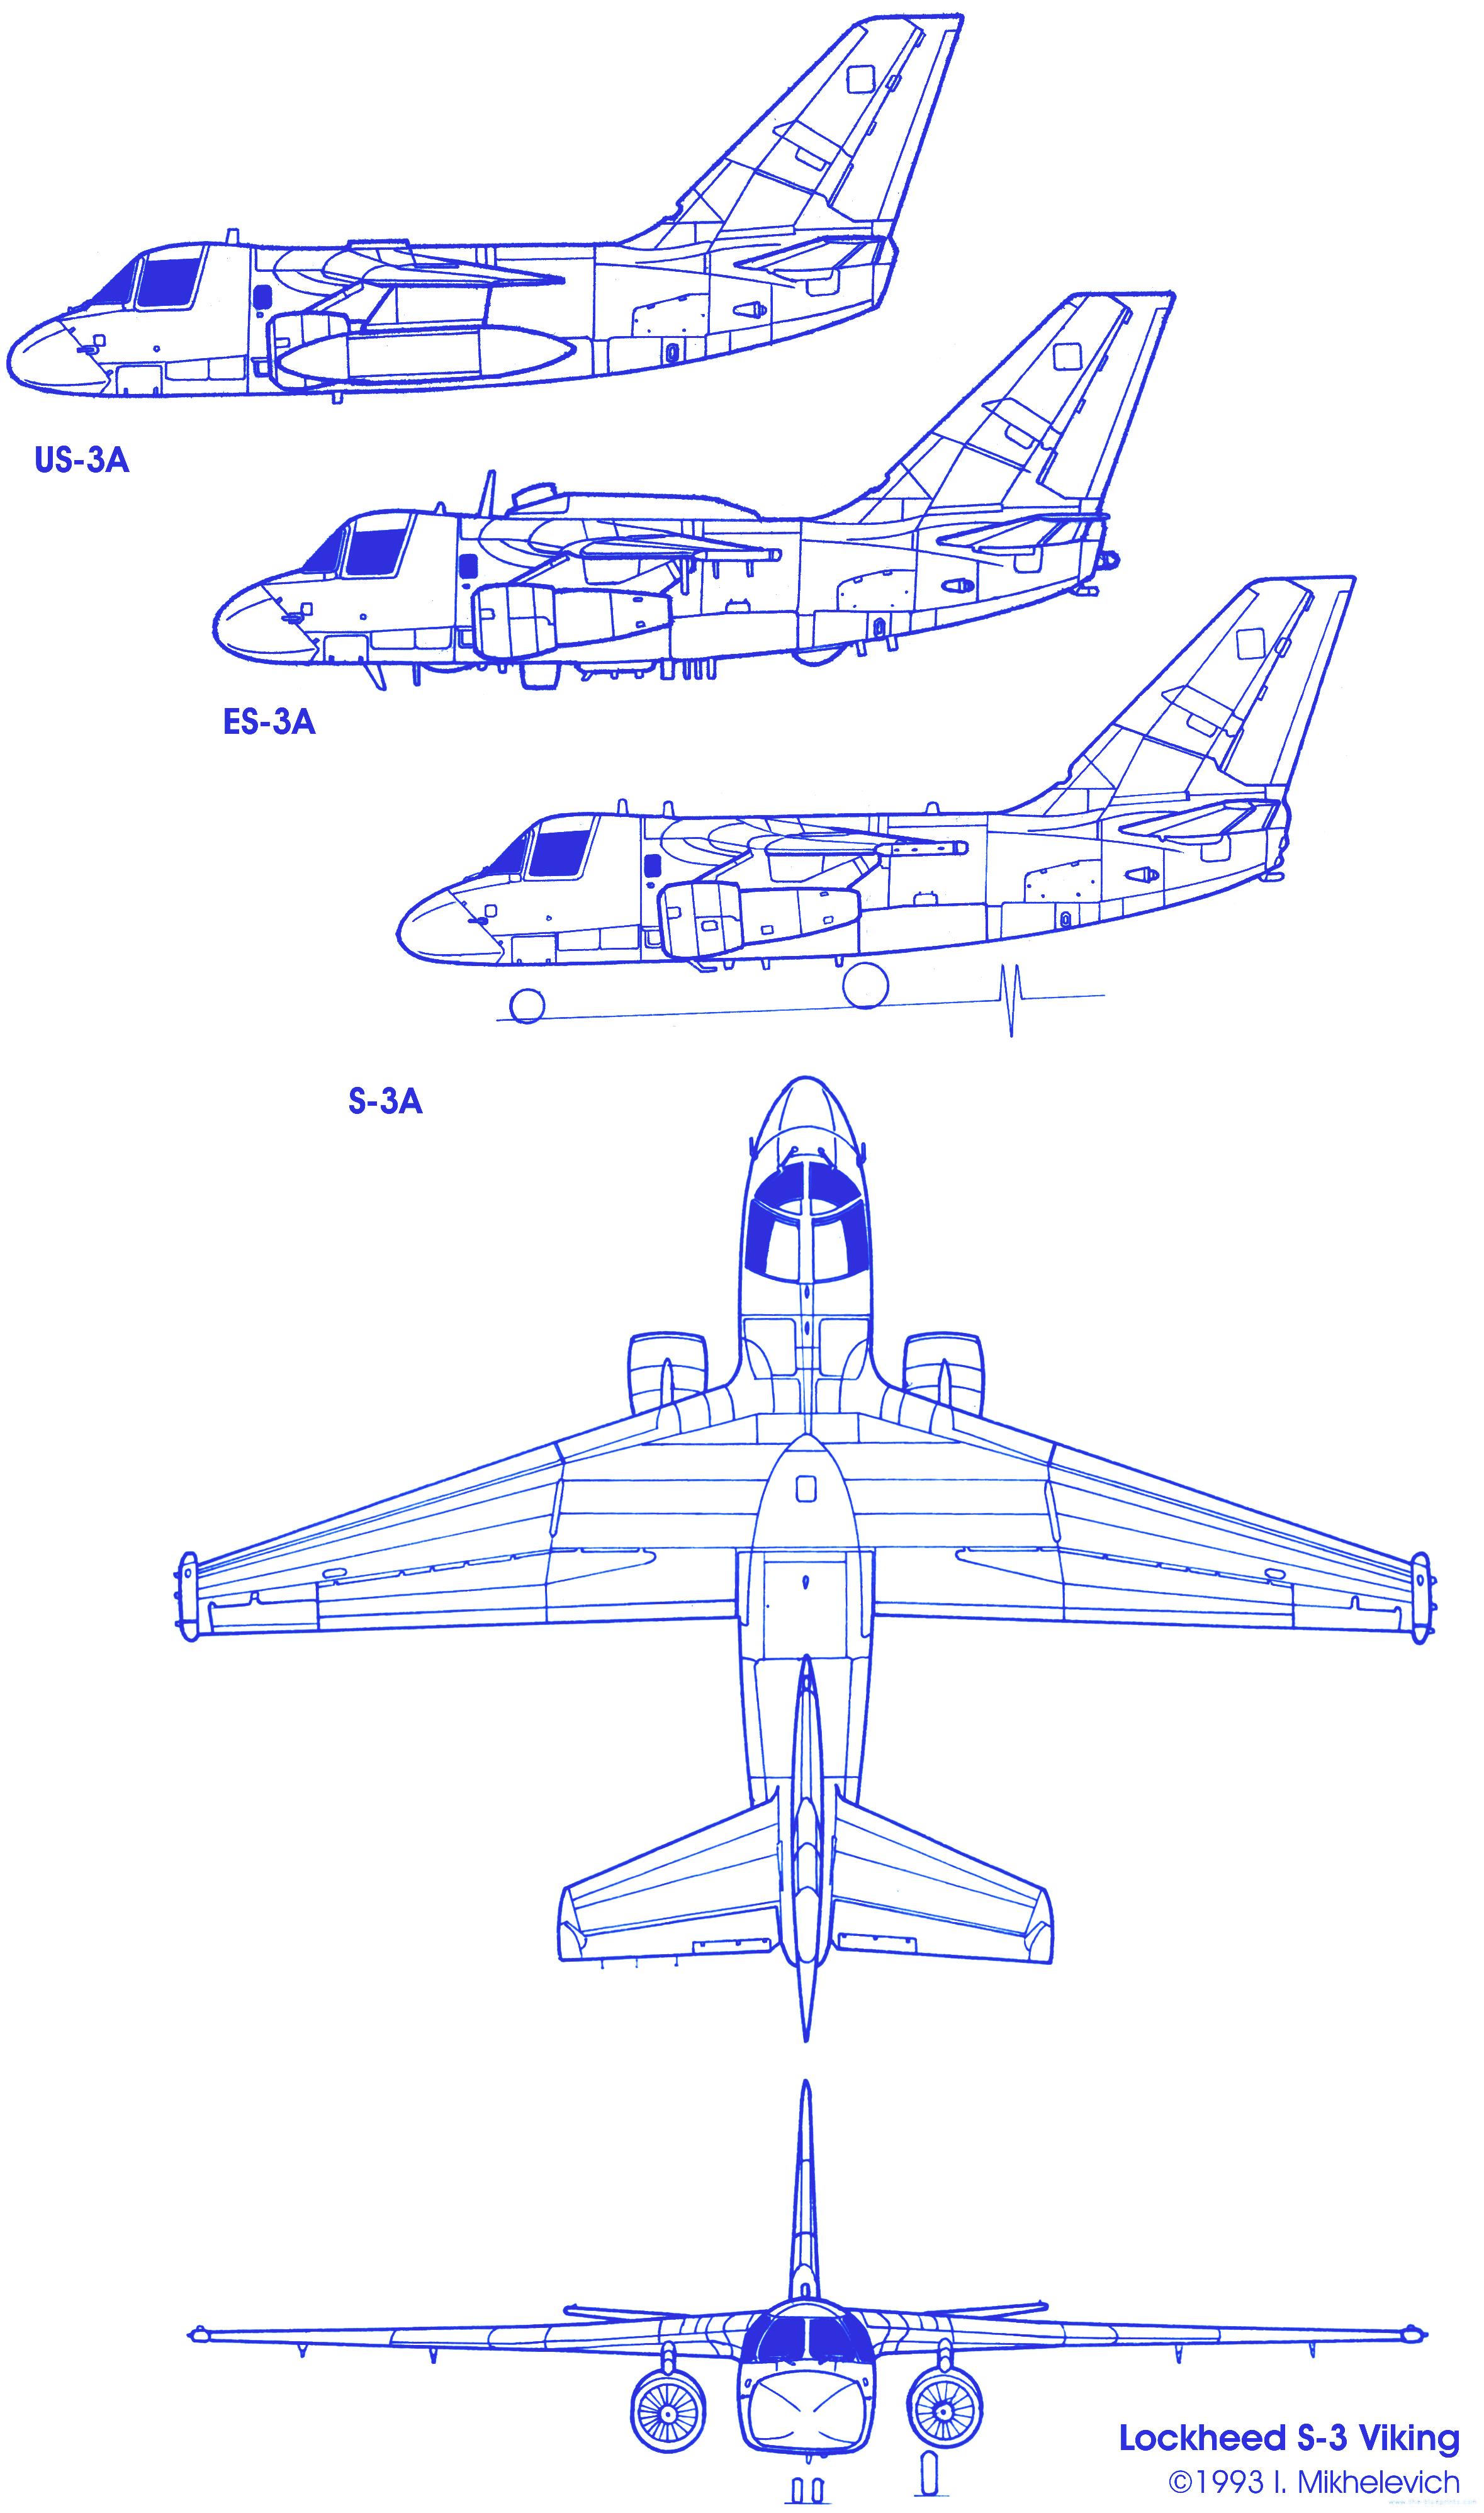 S-3 Viking Drawing - Bing images